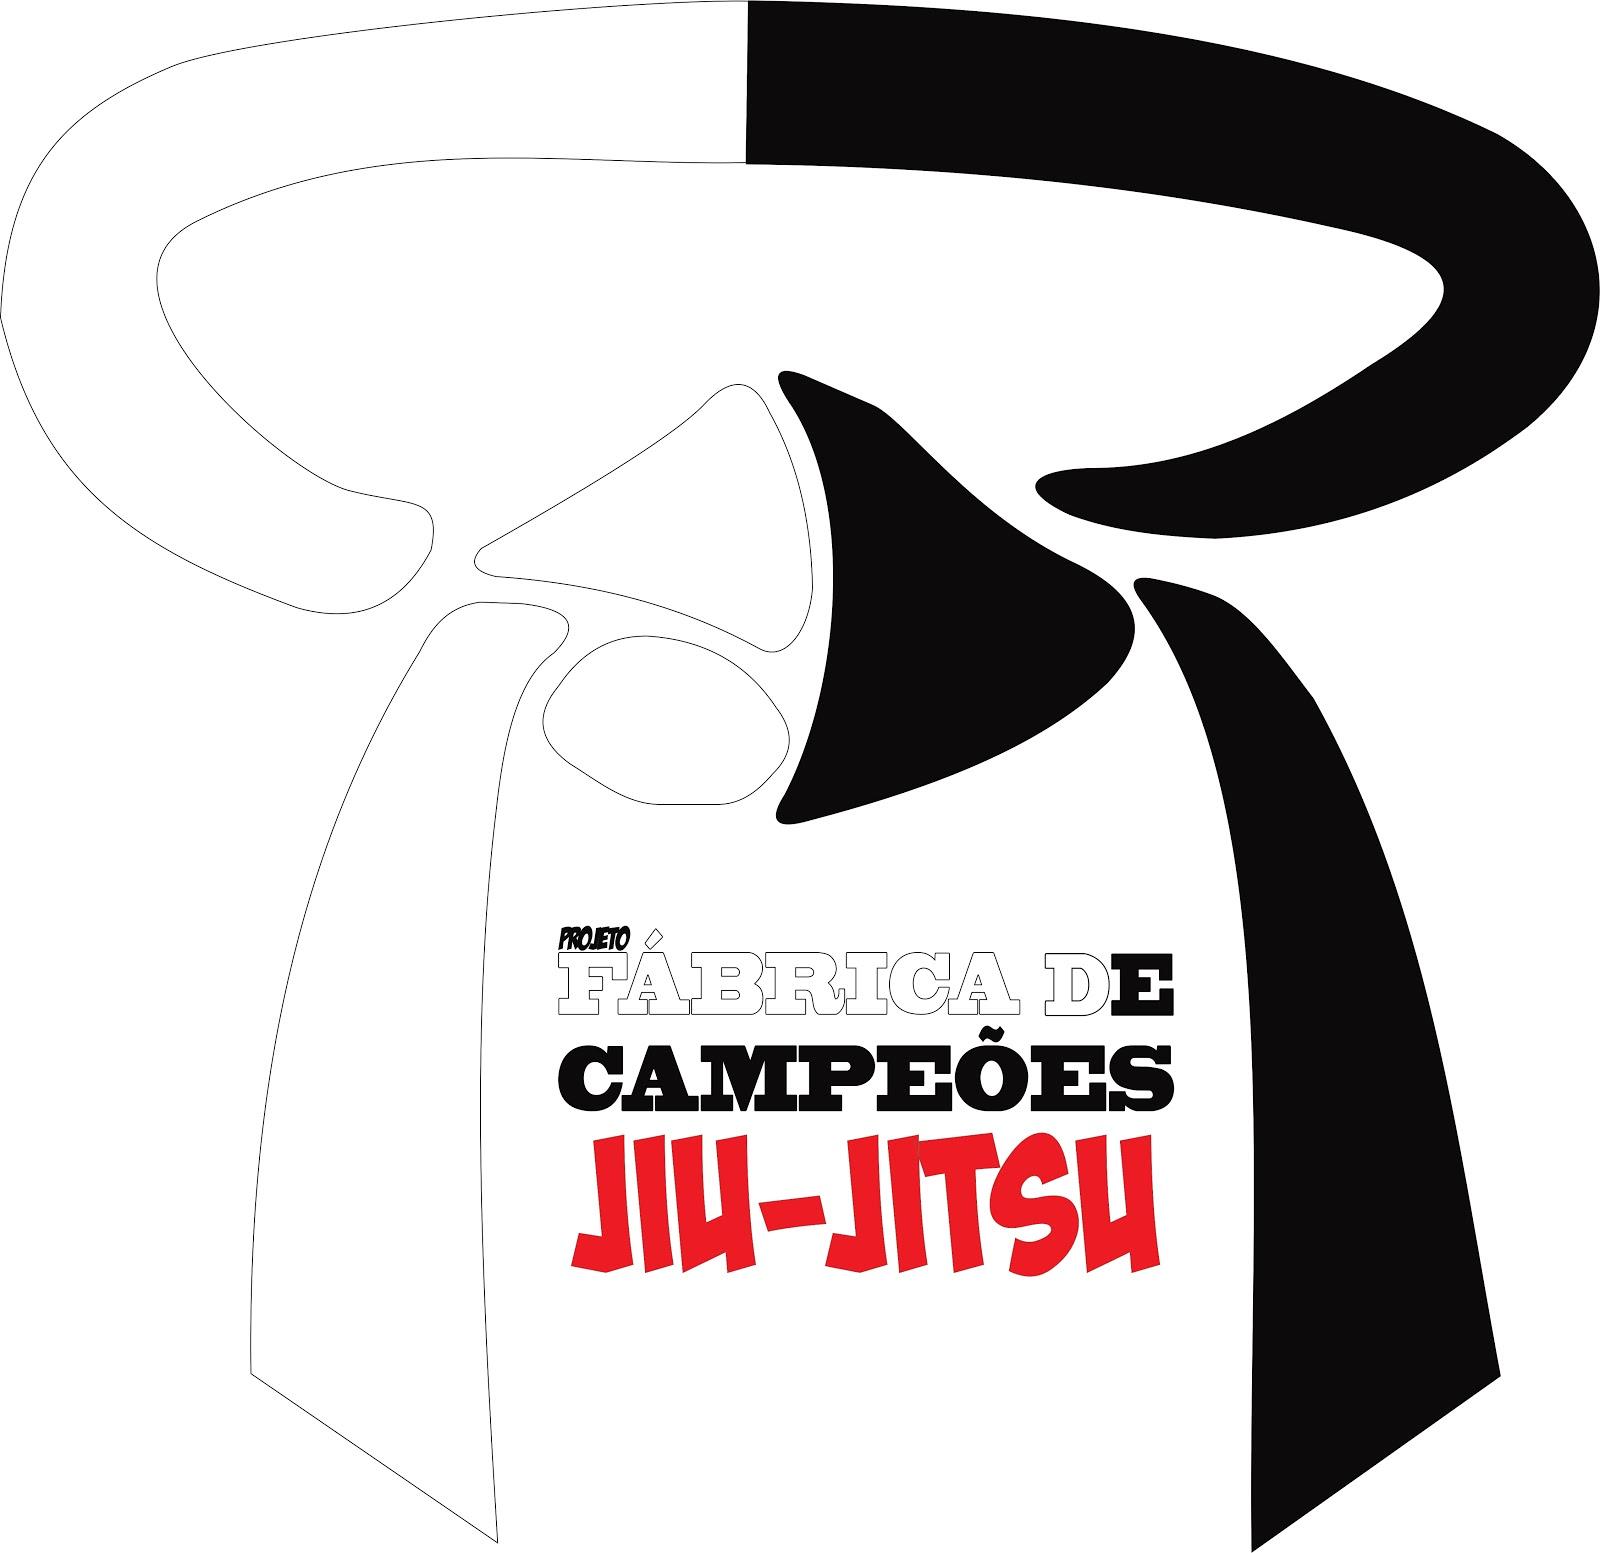 Armarios Keter En Argentina ~ Fábrica de Campeões Jiu Jitsu